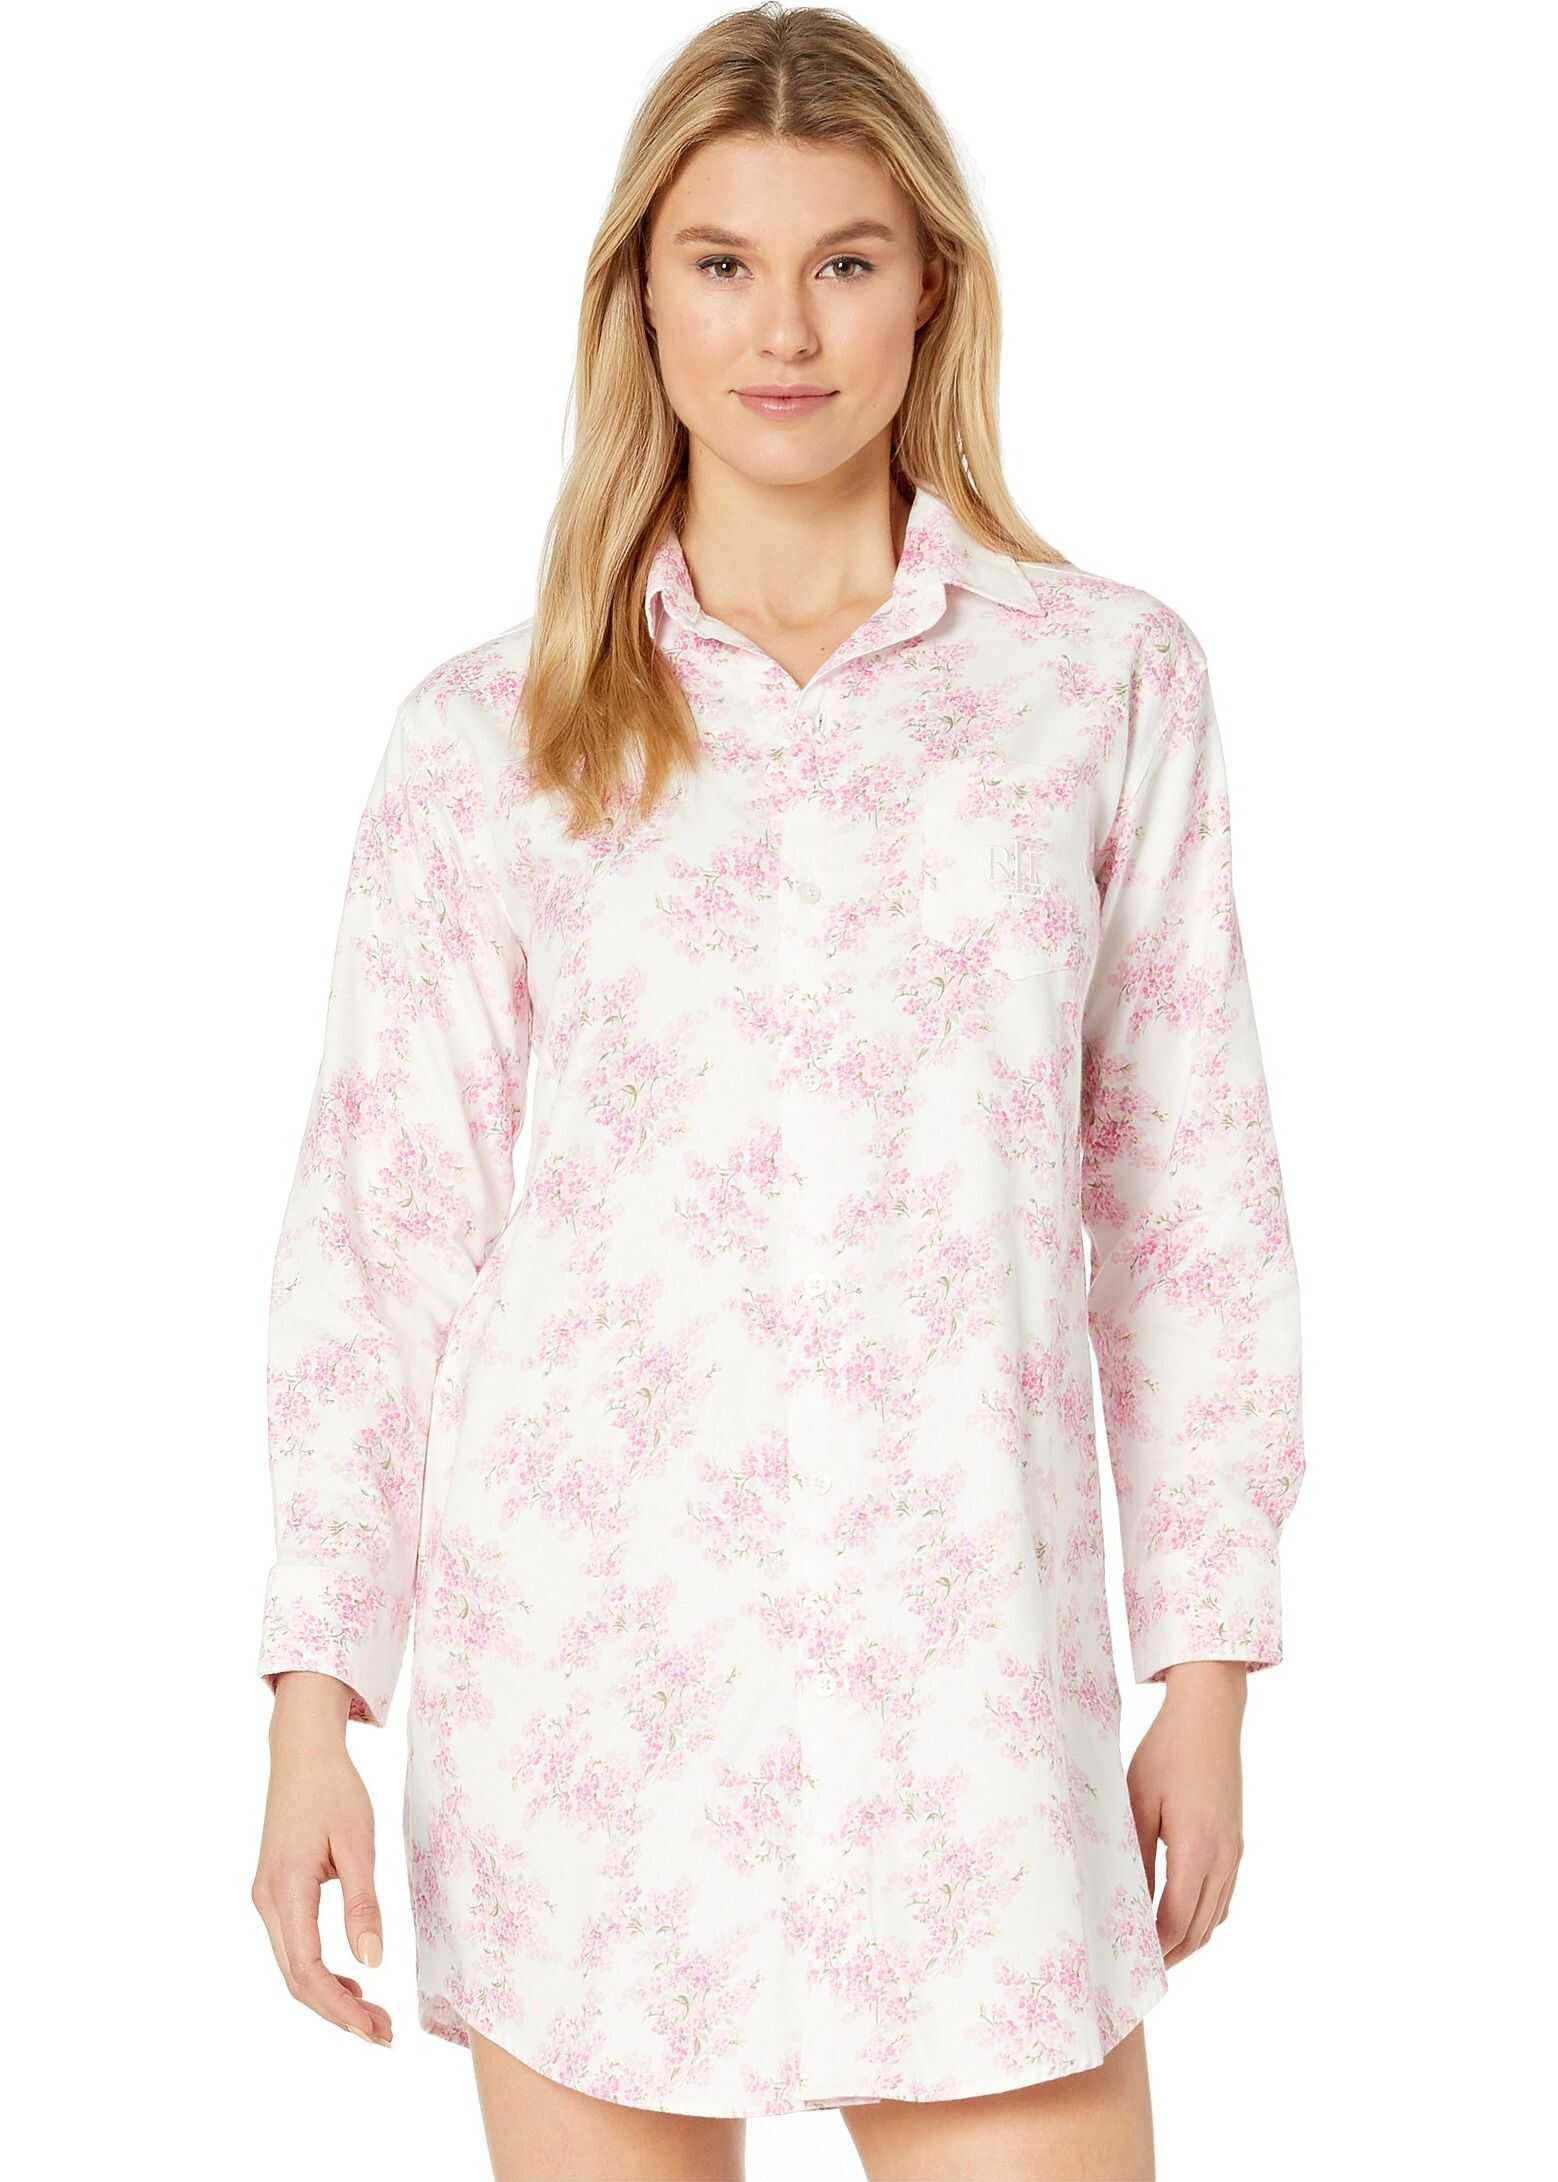 Ralph Lauren Classic Woven Long Sleeve His Shirt Sleepshirt Ivory Print